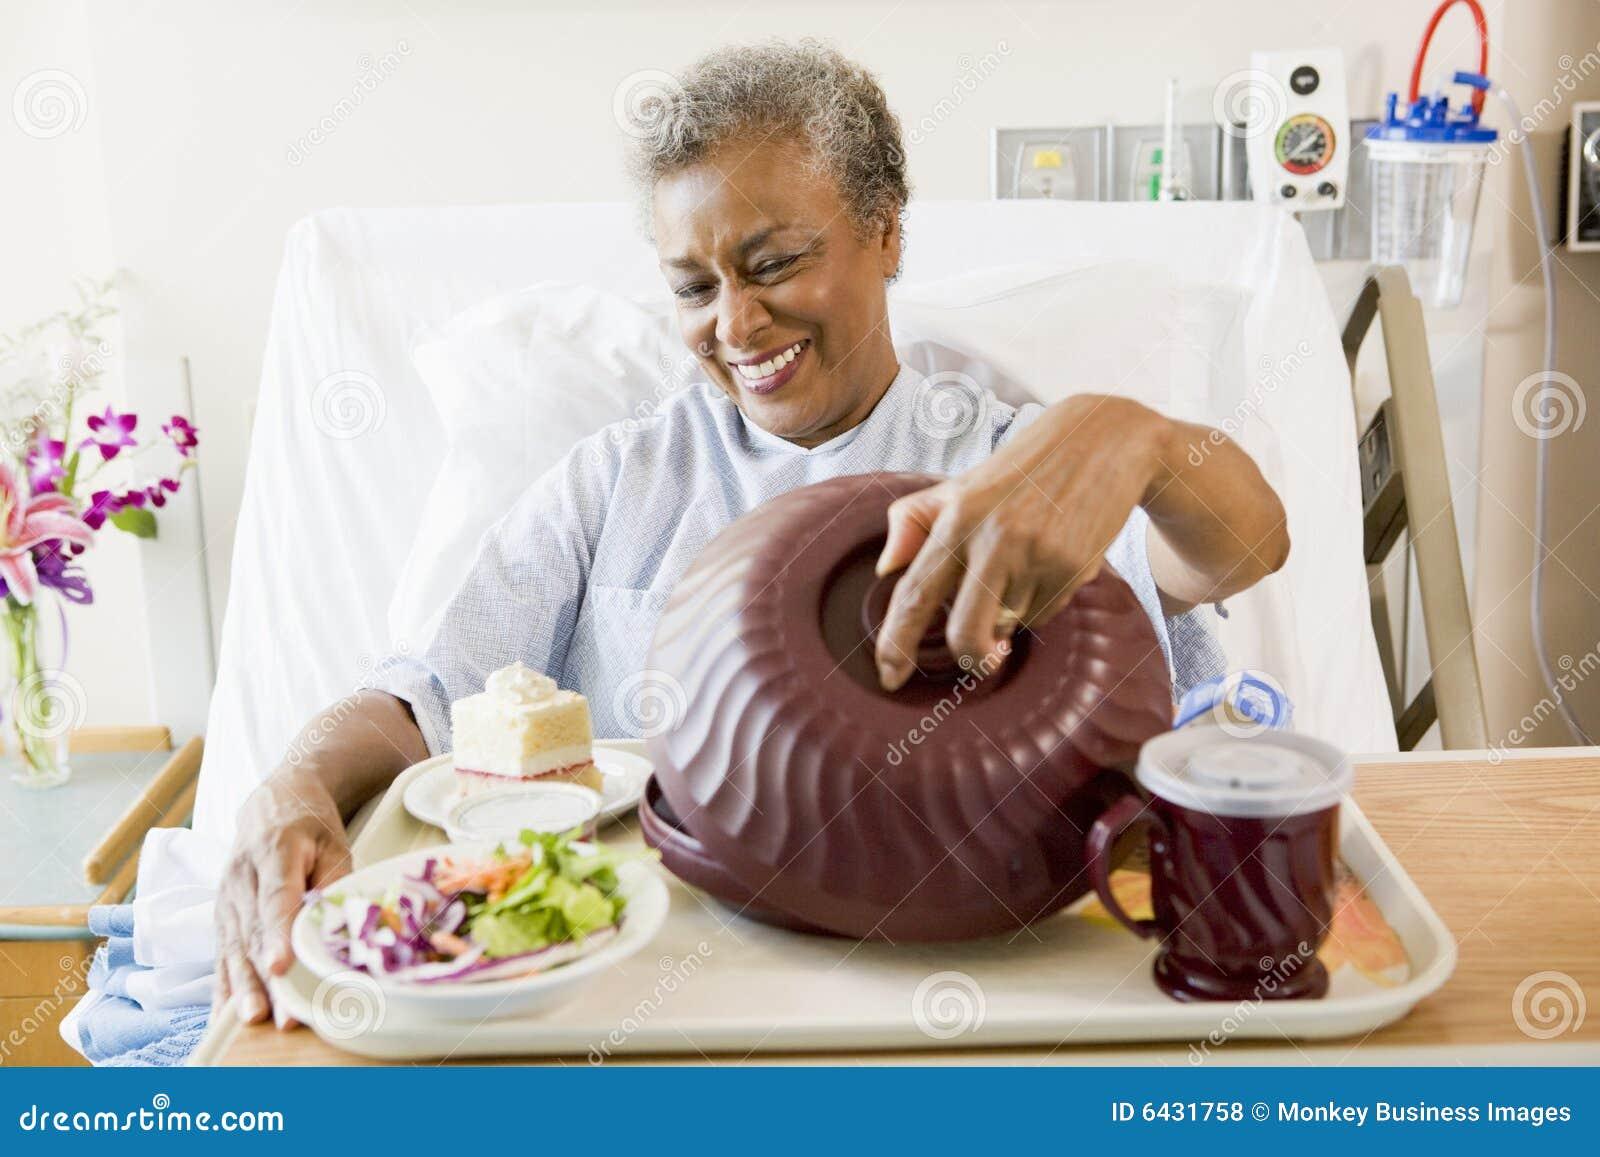 Bielizna szpitalna starsza kobieta siedząca